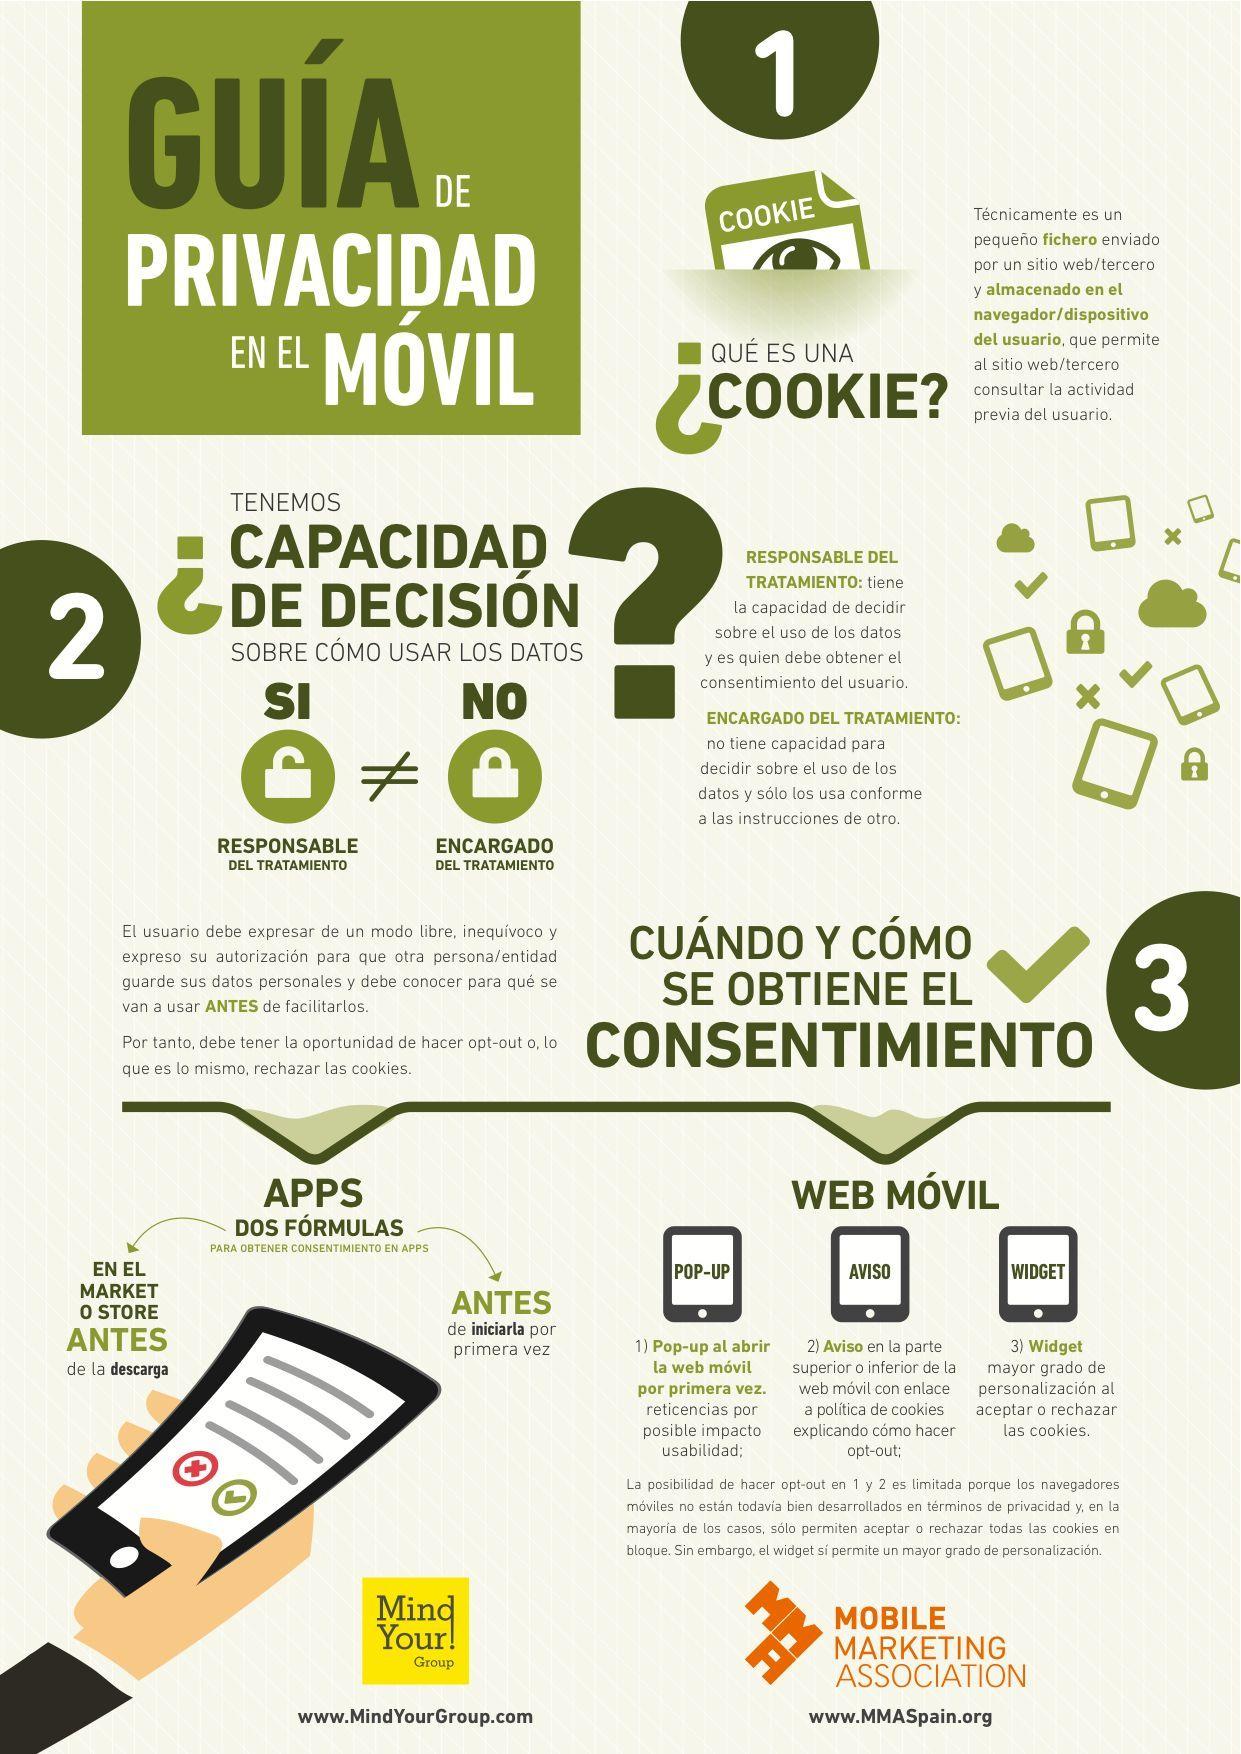 Guía de Privacidad en el Móvil.